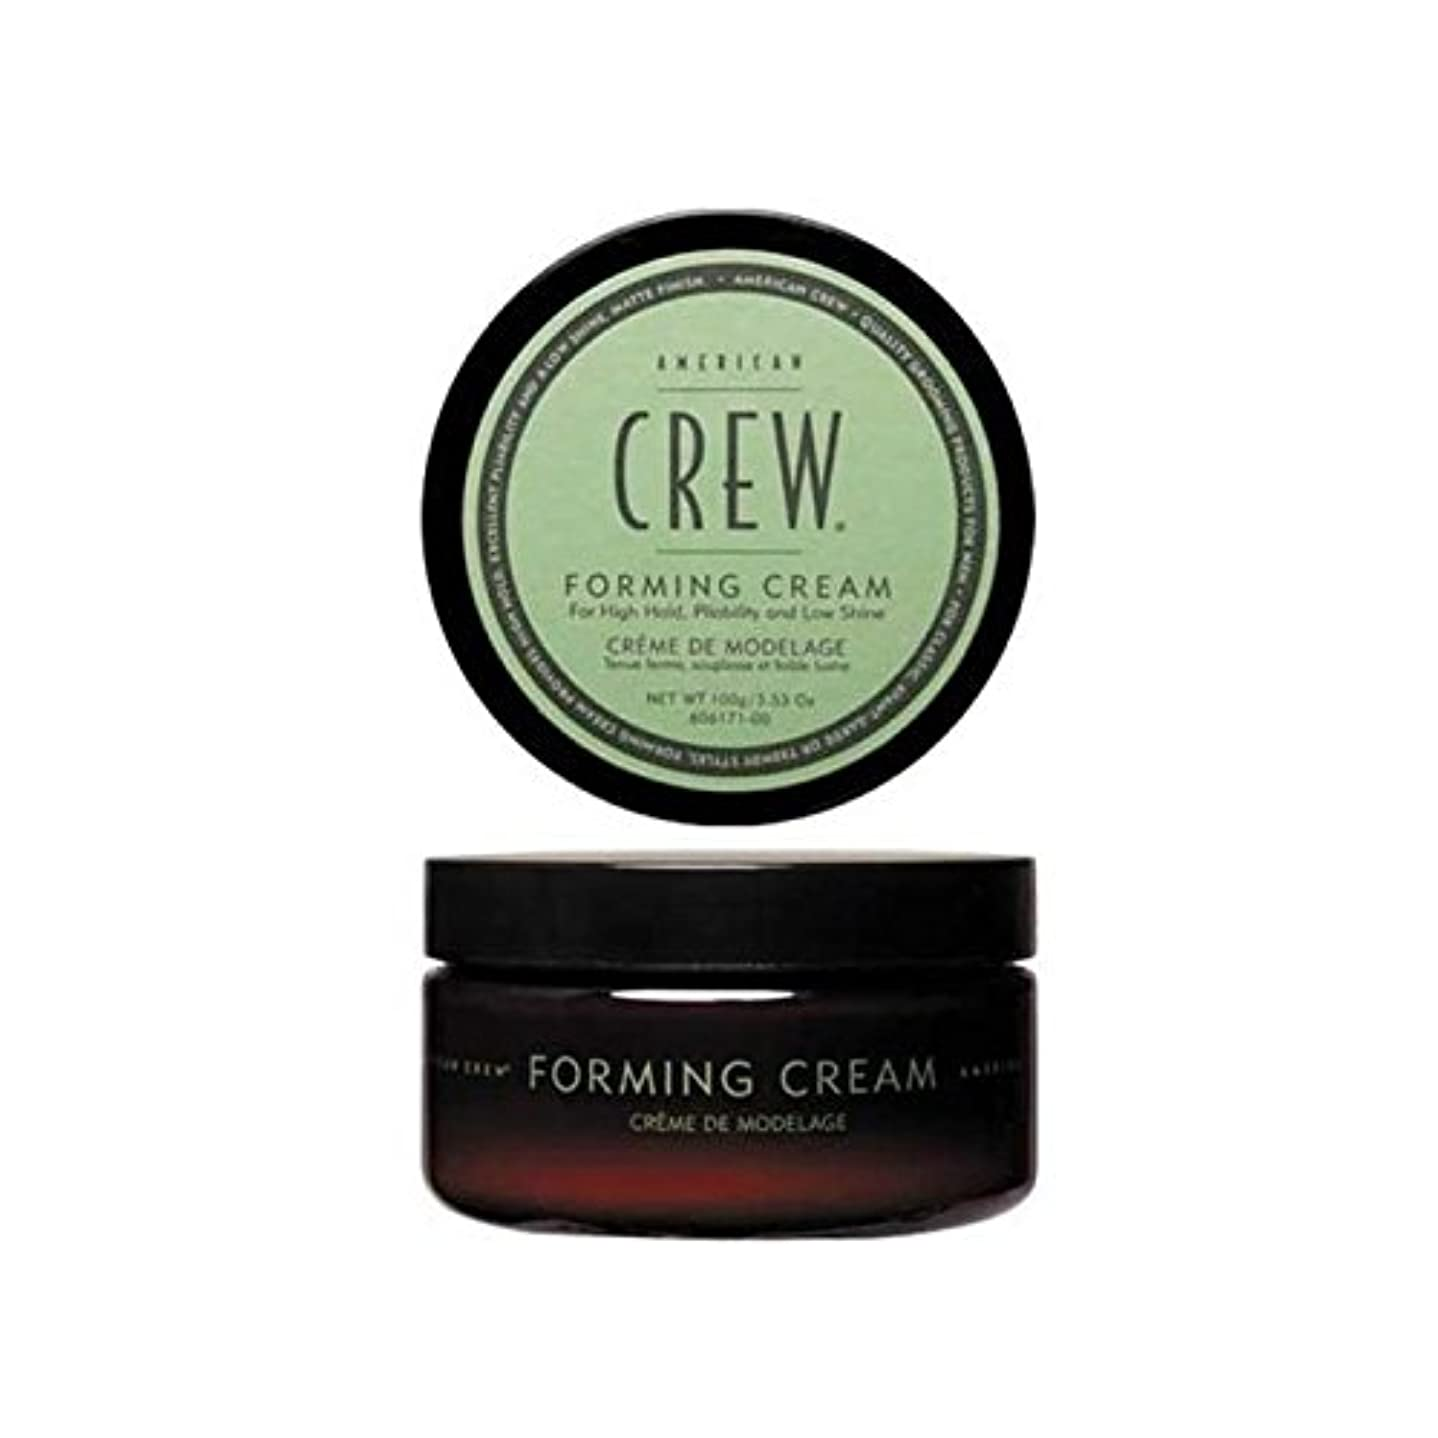 クリケットアレルギー性不調和アメリカの乗組員形成クリーム(85グラム) x2 - American Crew Forming Cream (85G) (Pack of 2) [並行輸入品]